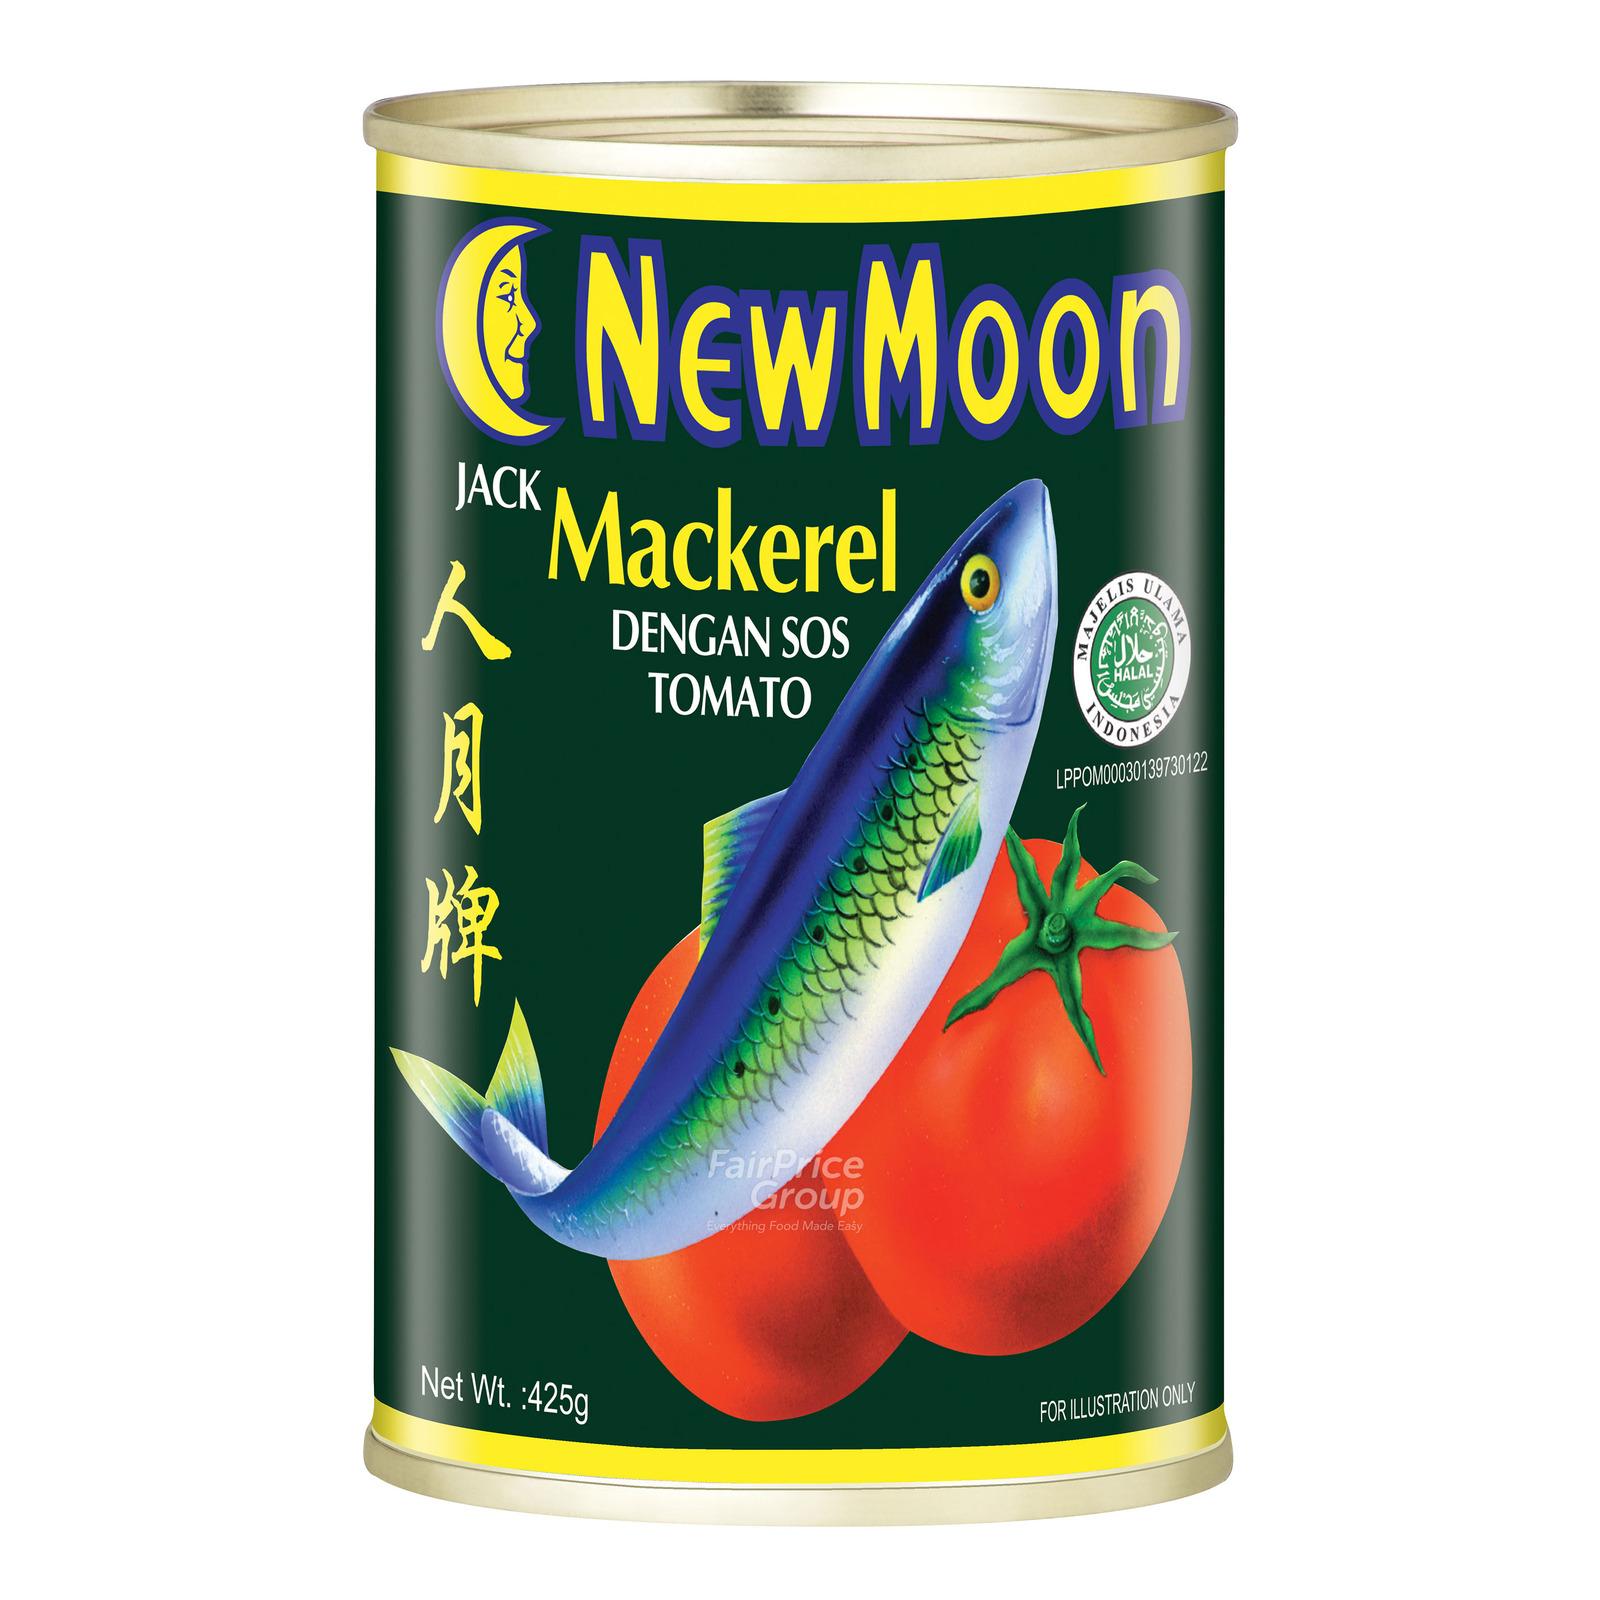 New Moon Jack Mackerel in Tomato Sauce